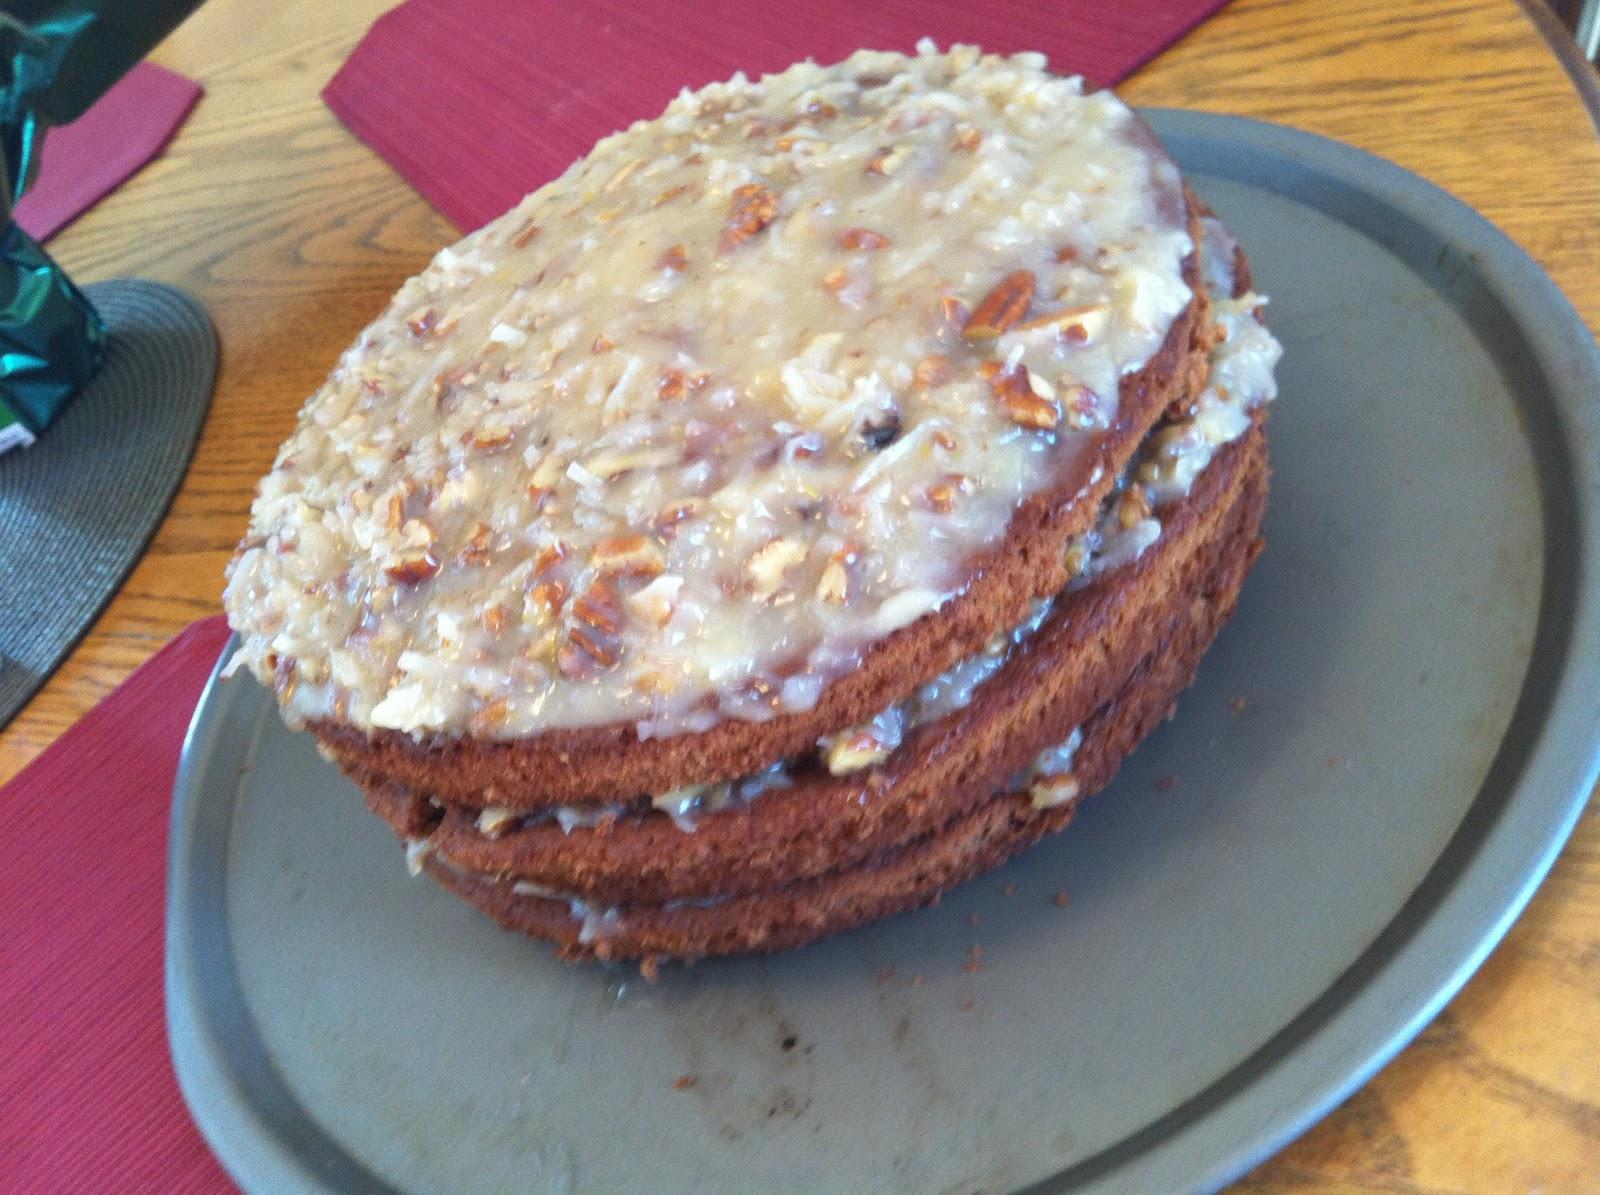 German Chocolate Cake Recipe Joy Of Baking: Baked By Buttercup: German Chocolate Cake